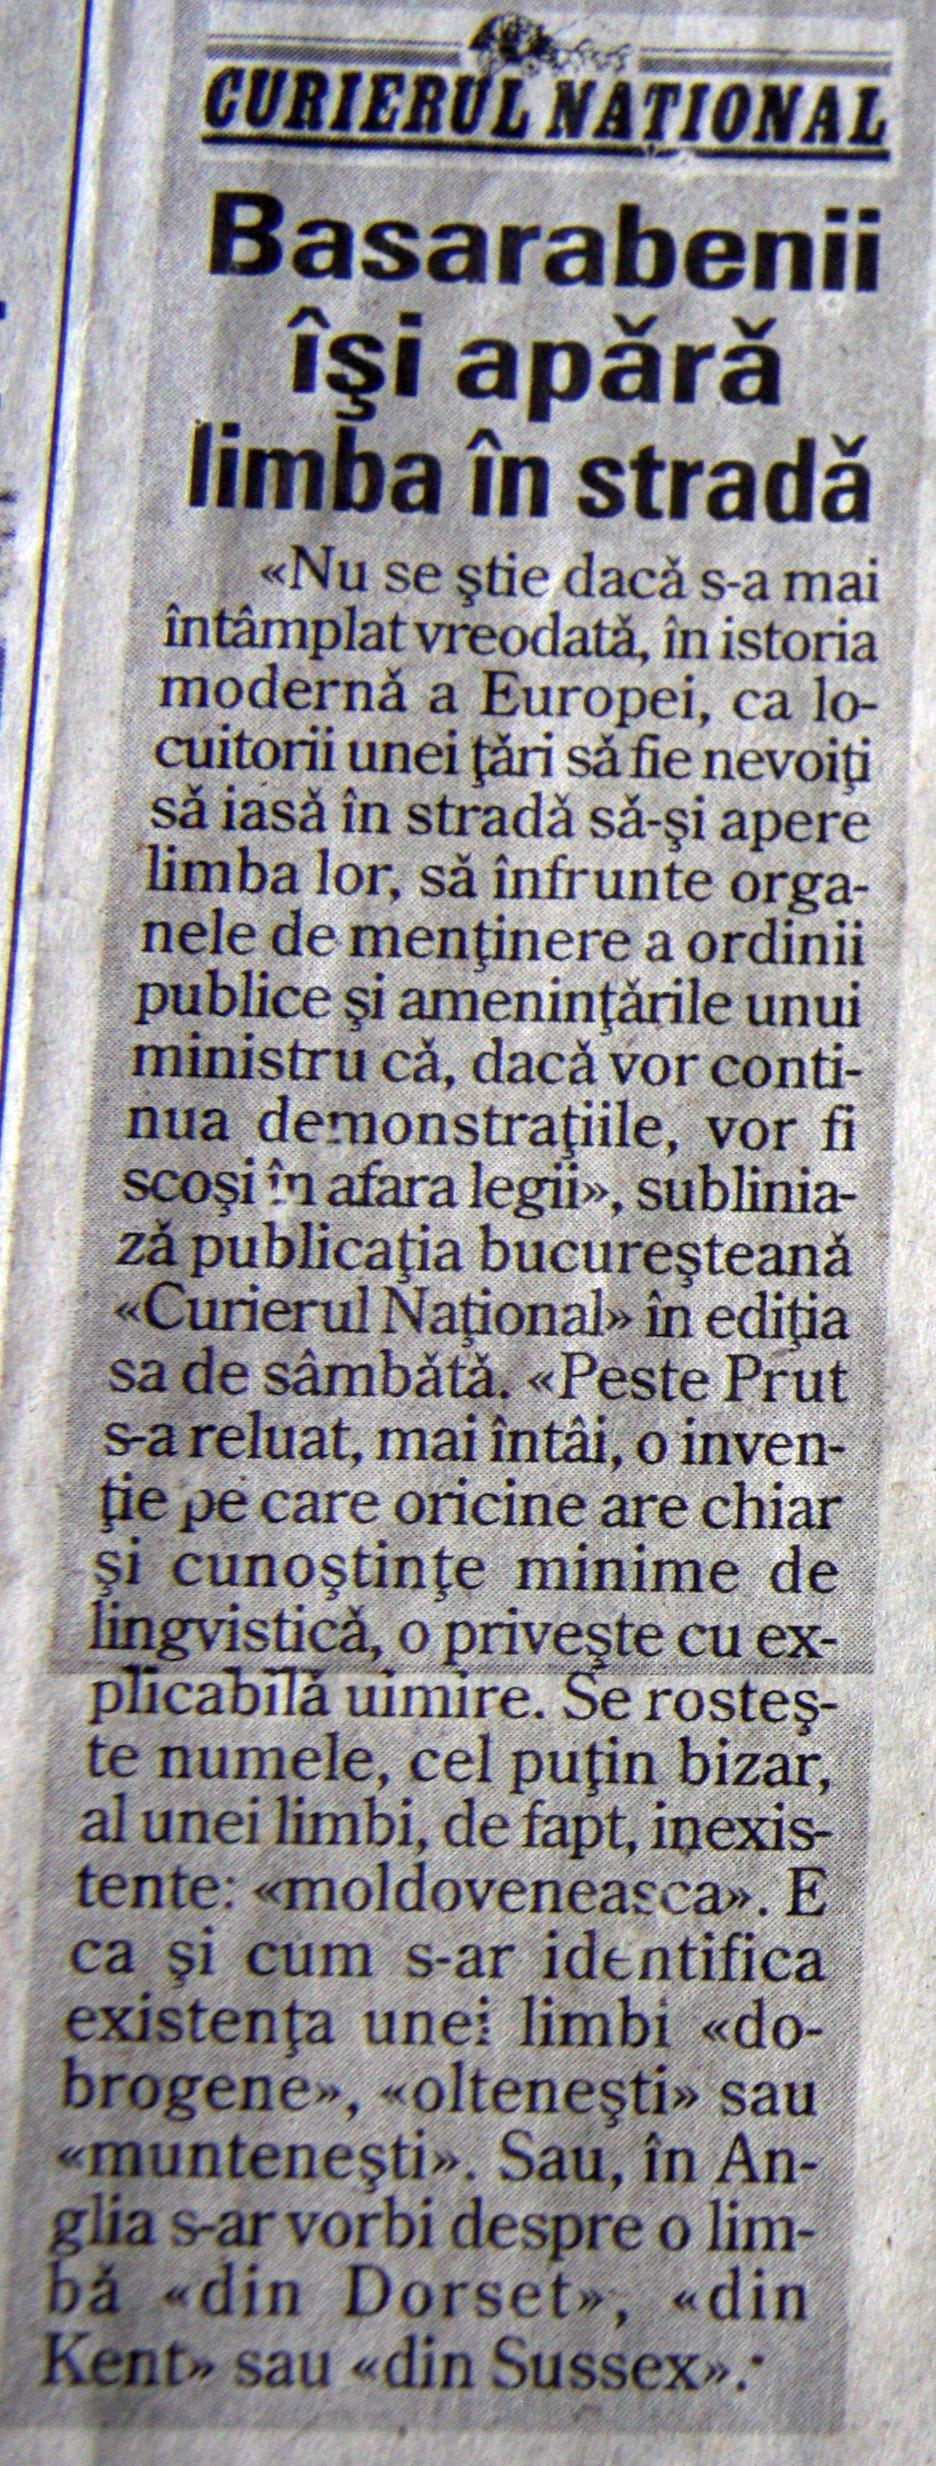 Limba moldovenească nu există, aşa cum nu există nici dobrogeana sau olteneasca (ep. 7)